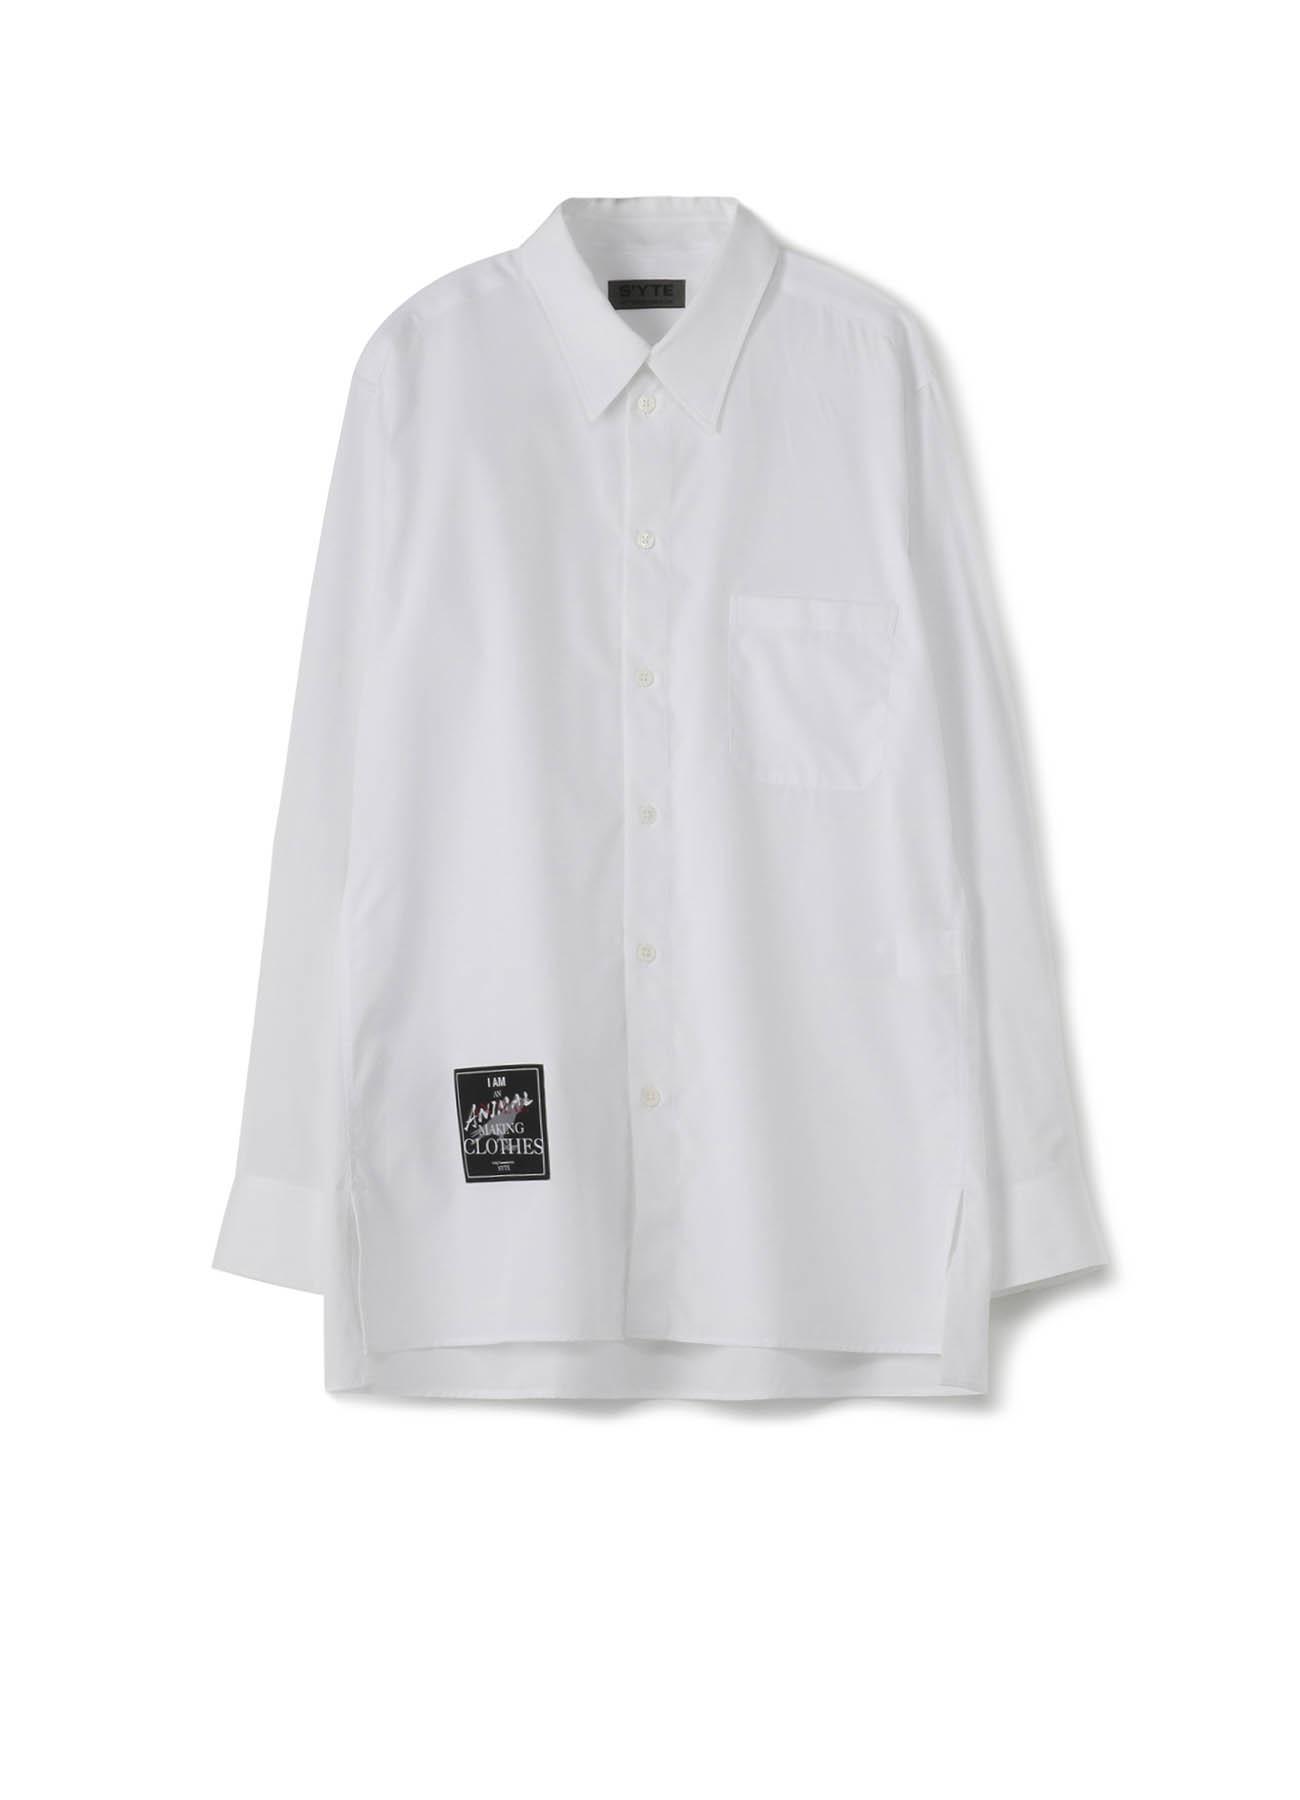 山本耀司语录贴片基本款衬衫